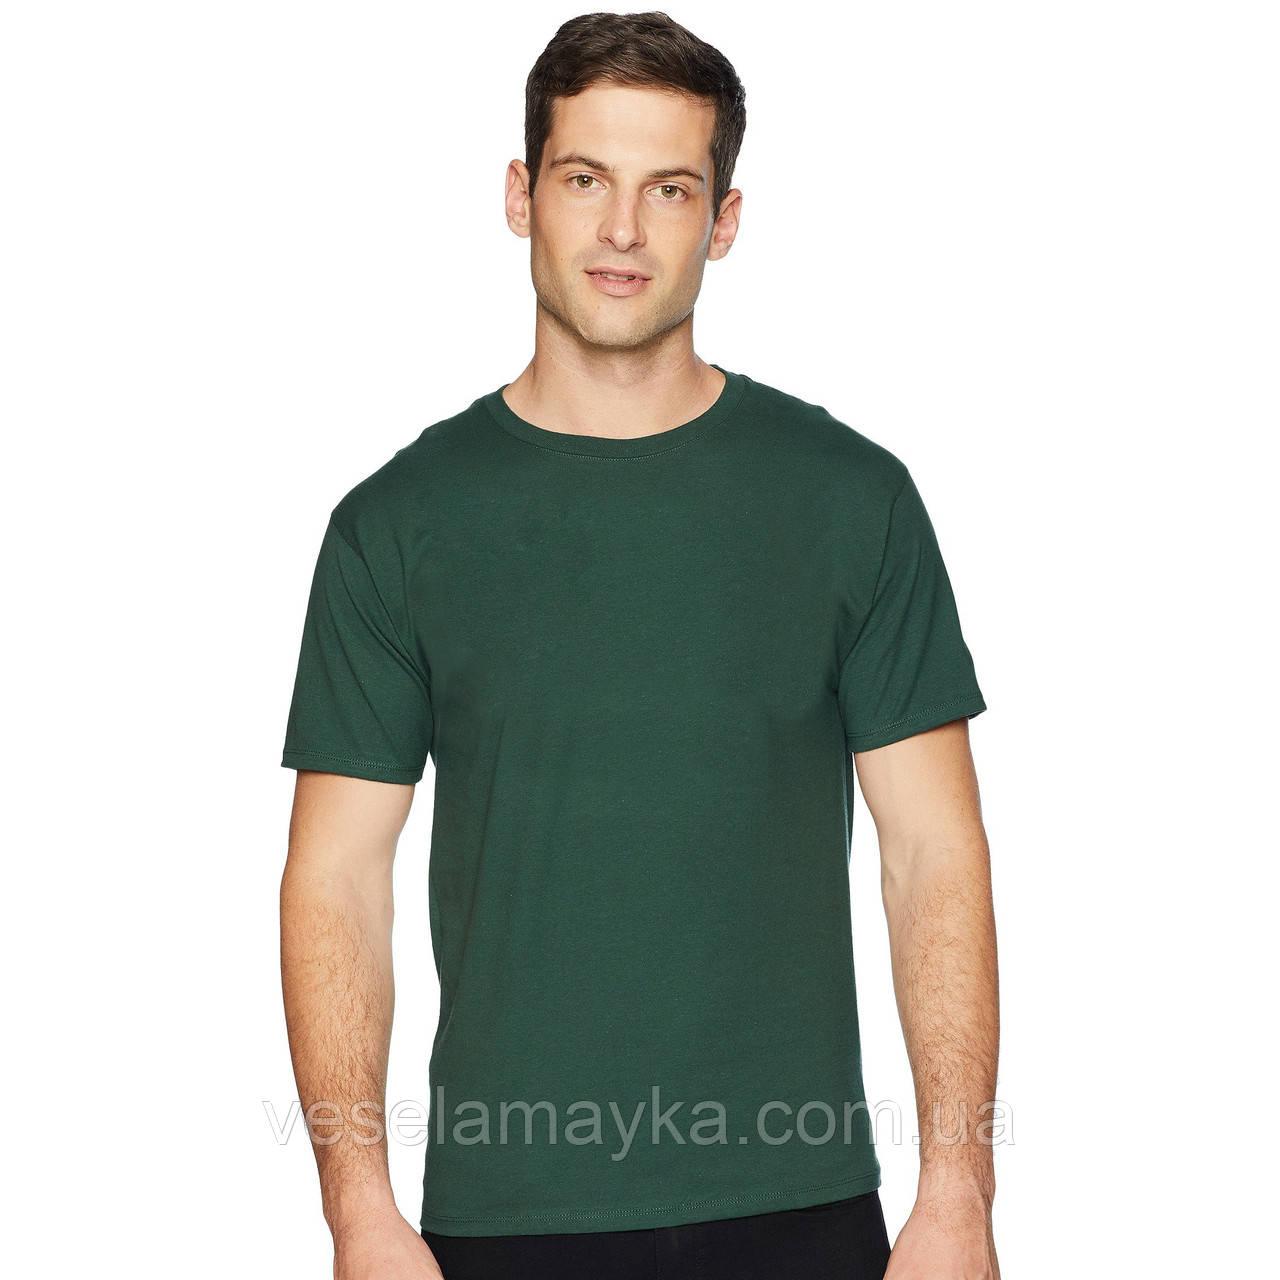 Уплотненная темно-зеленая мужская футболка (Премиум)